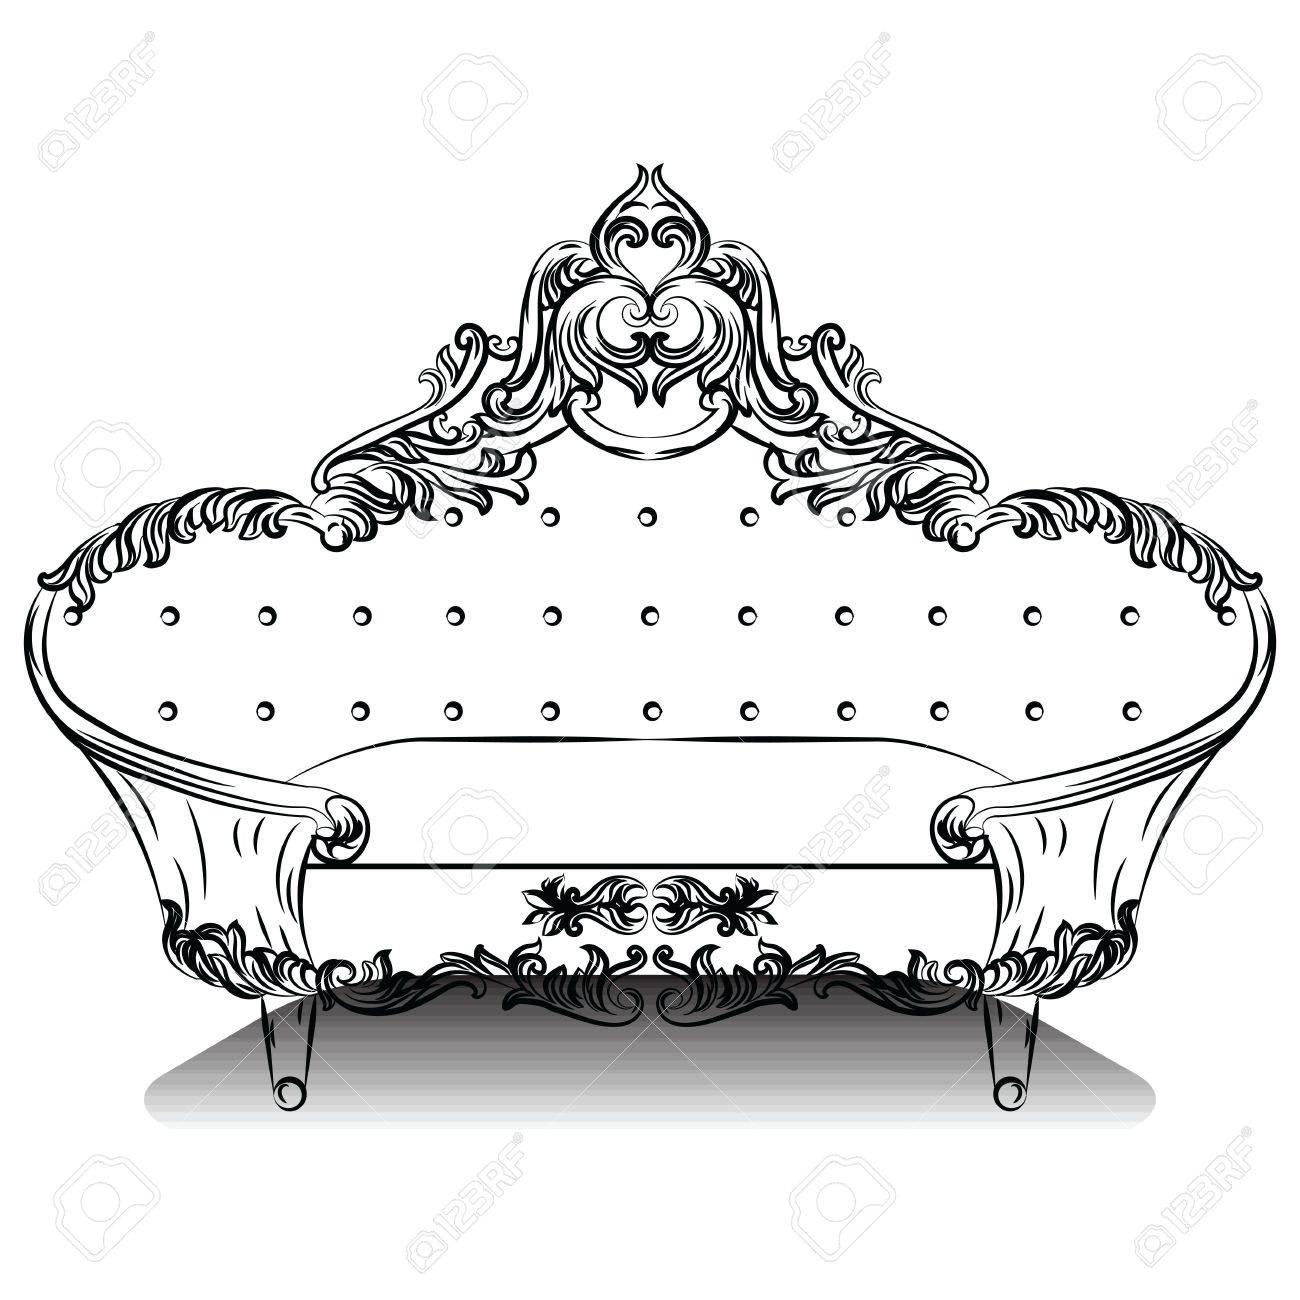 Full Size of Luxury Barock Sofa Mit Luxurisen Verzierungen Elegante Groß Big Grau Rotes 2 Sitzer Relaxfunktion Marken Chesterfield Hussen Rattan überwurf Sofa Barock Sofa